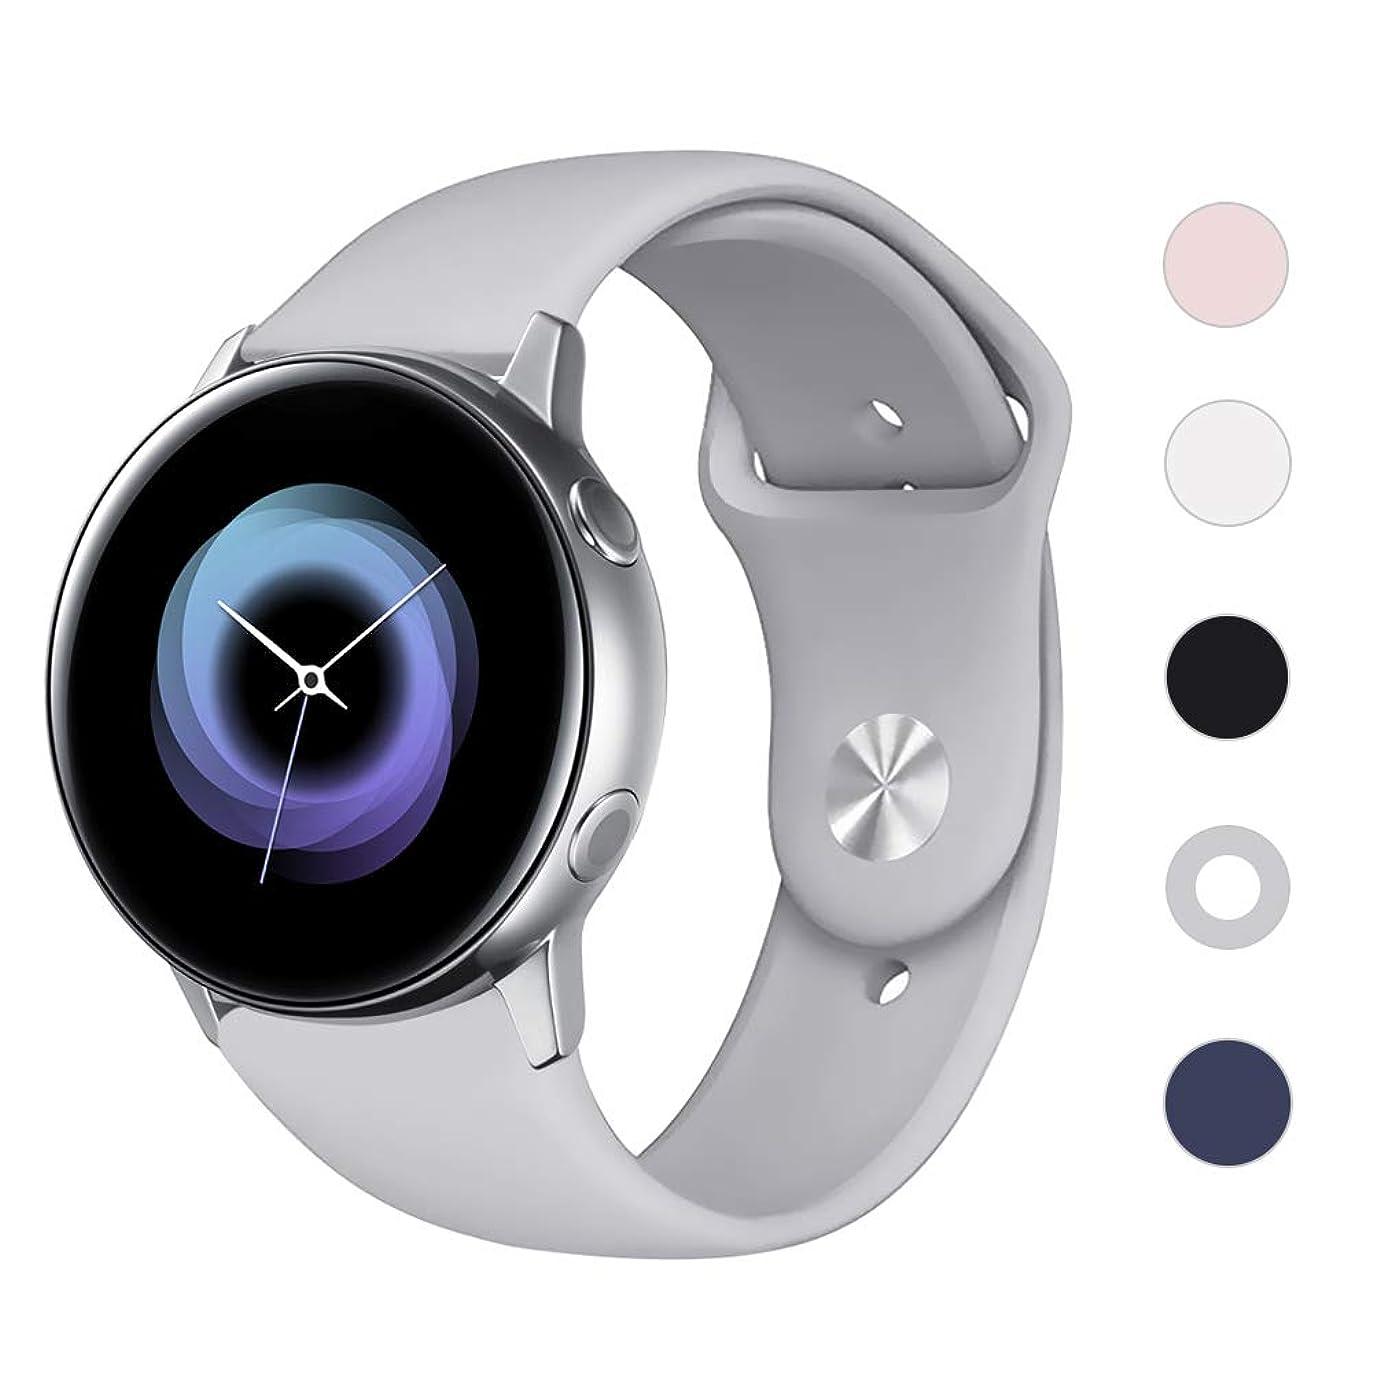 繊細突破口アセンブリLittleForest For GARMIN ForeAthlete 245 /ForeAthlete 245 Music/GARMIN vivoactive 3 /Ticwatch 2/Ticwatch E/Ticwatch C2/Sumsung Galaxy Watch Active(40mm)等 20mm ソフトシリコン製 交換用バンド クイックリリース ベルト 耐水性能 多色選択 調整自由 2サイズ(Large グレー)